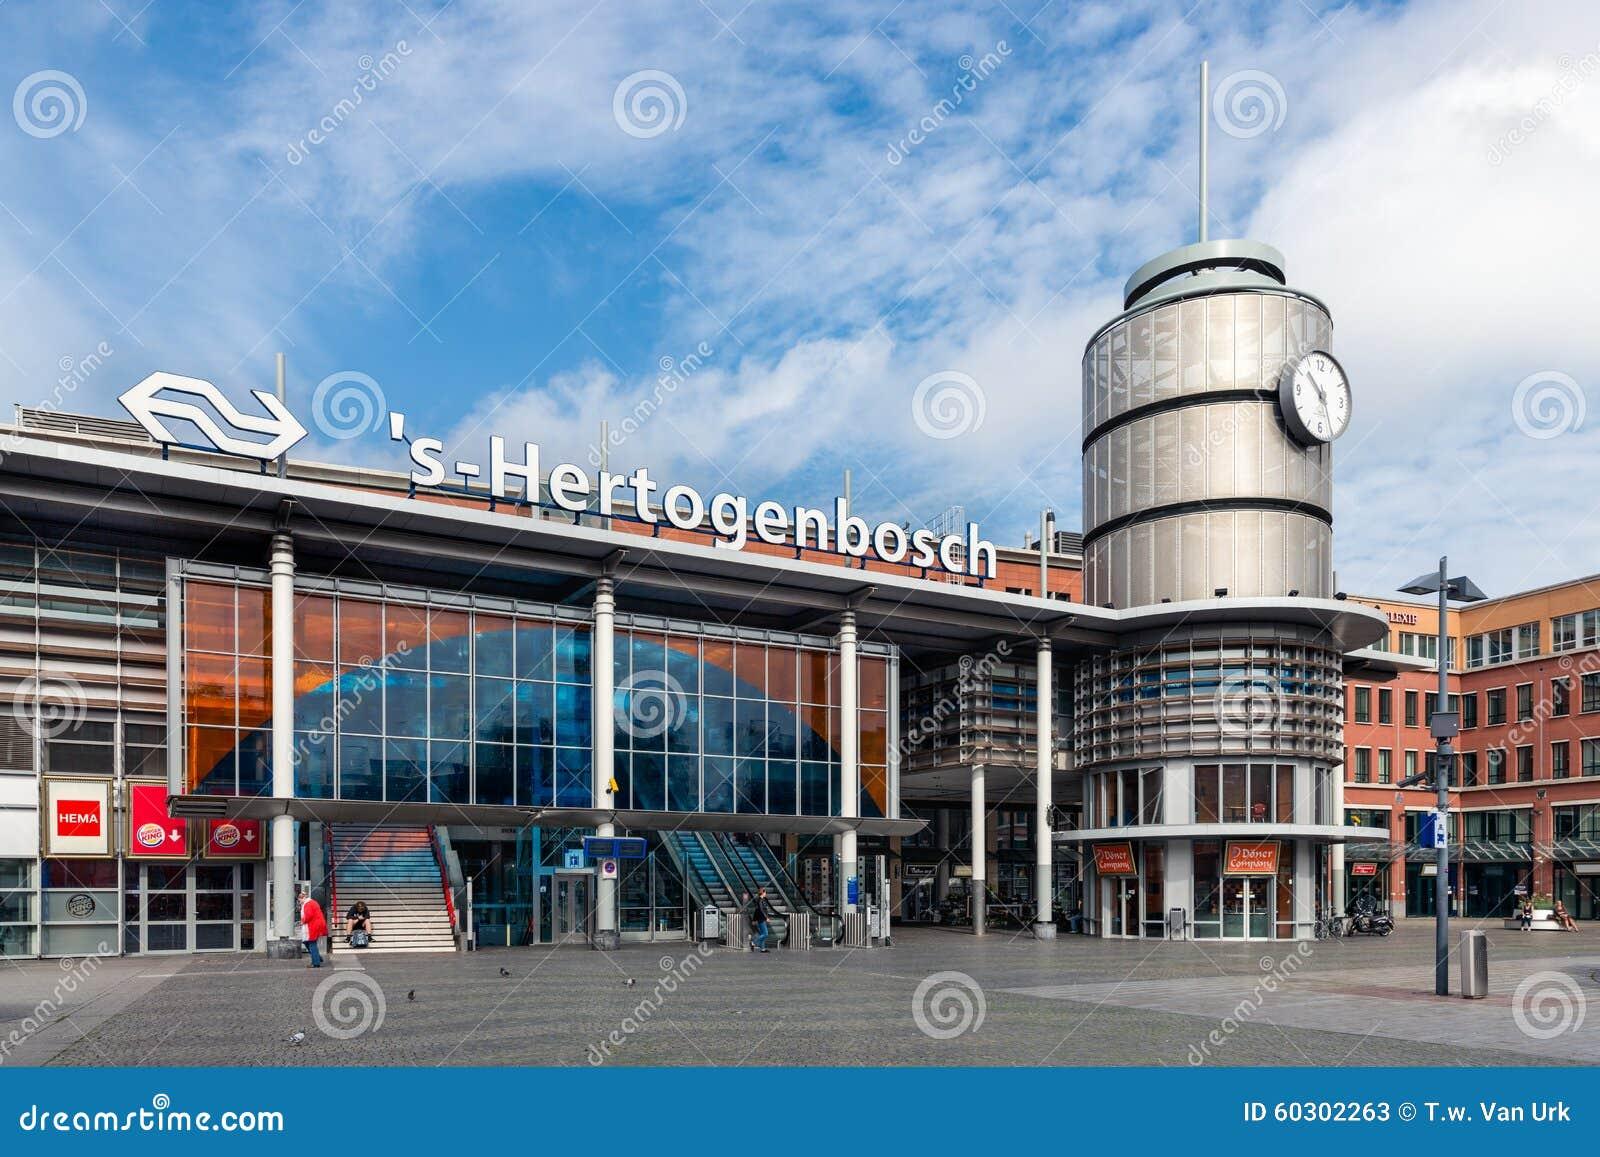 Leute vor niederländischem Bahnhof Den Bosch, die Niederlande